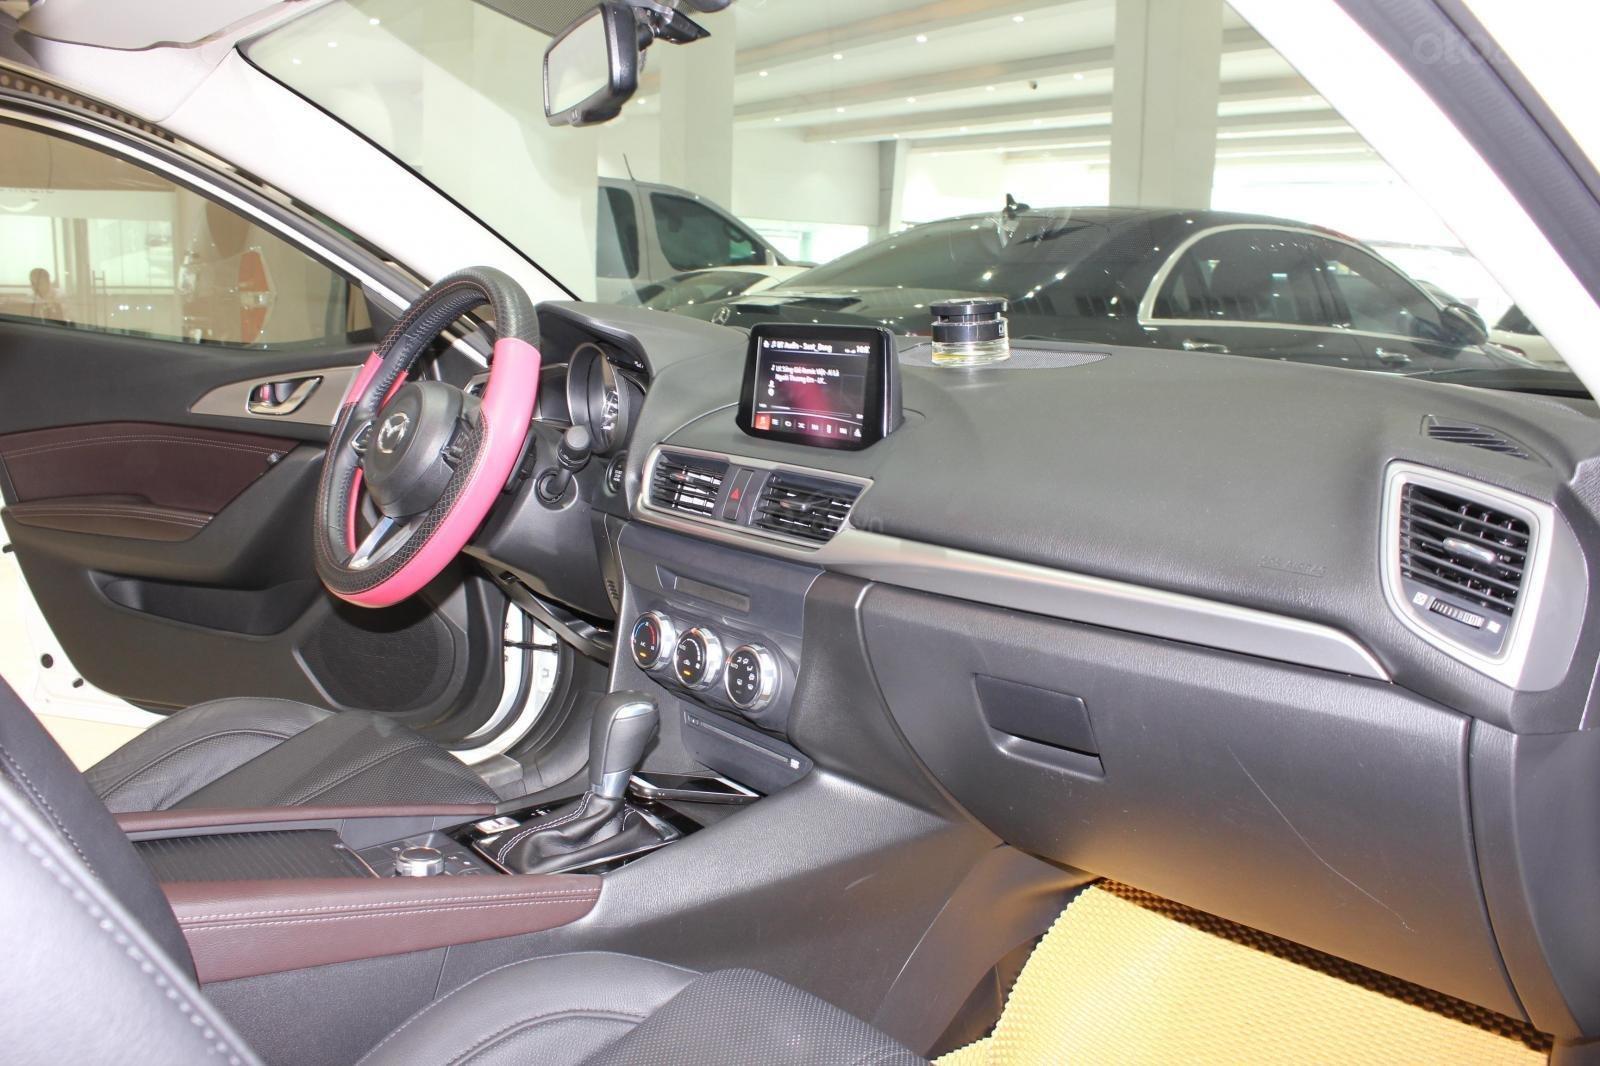 Bán Mazda 3 1.5L sản xuất năm 2017, màu trắng, giá thương lượng, 0347420233 (12)